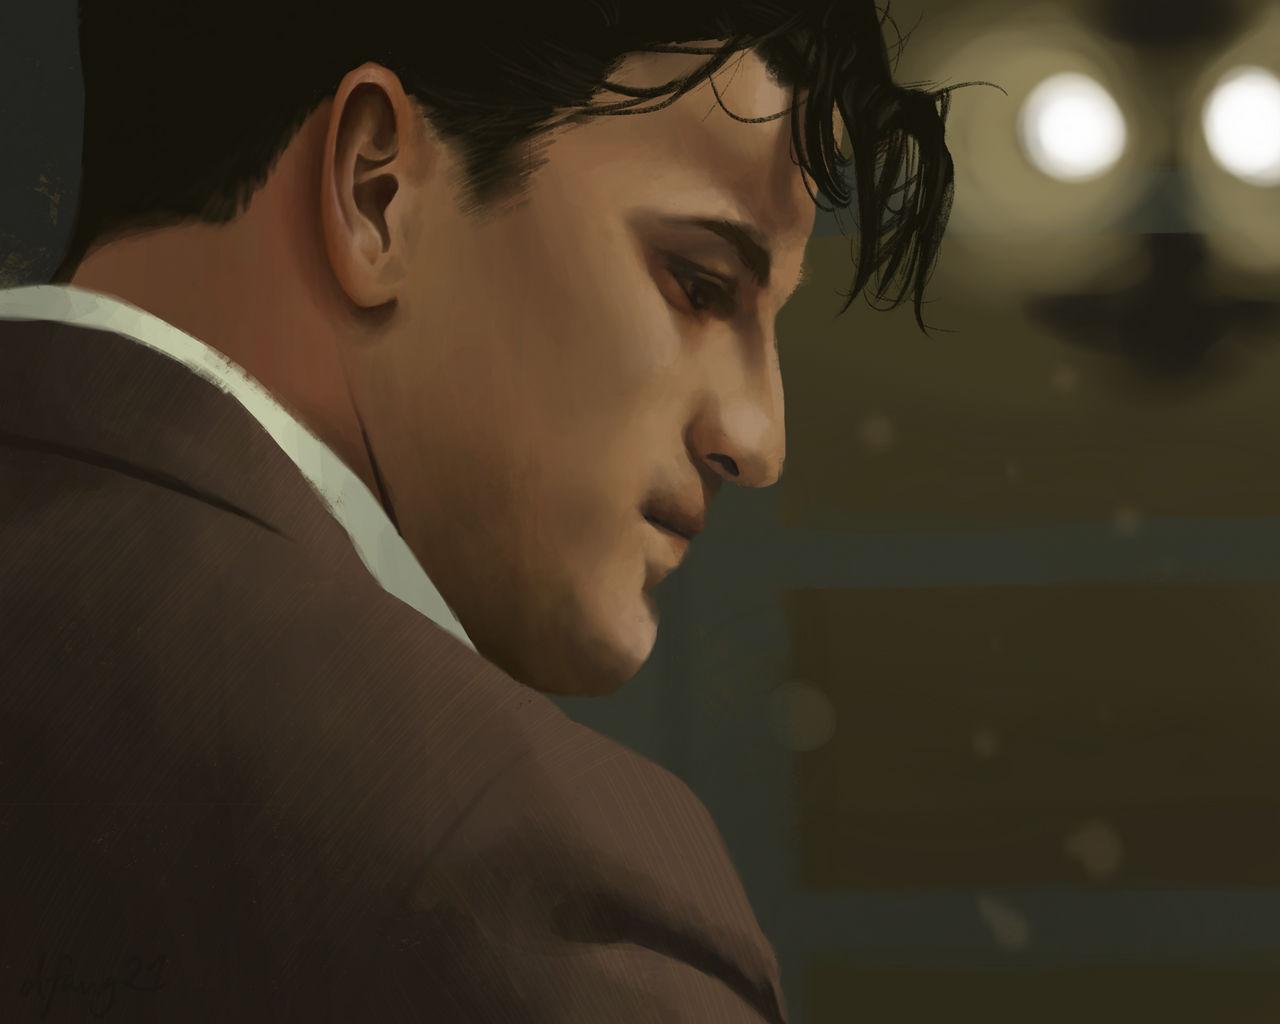 Agent Sousa